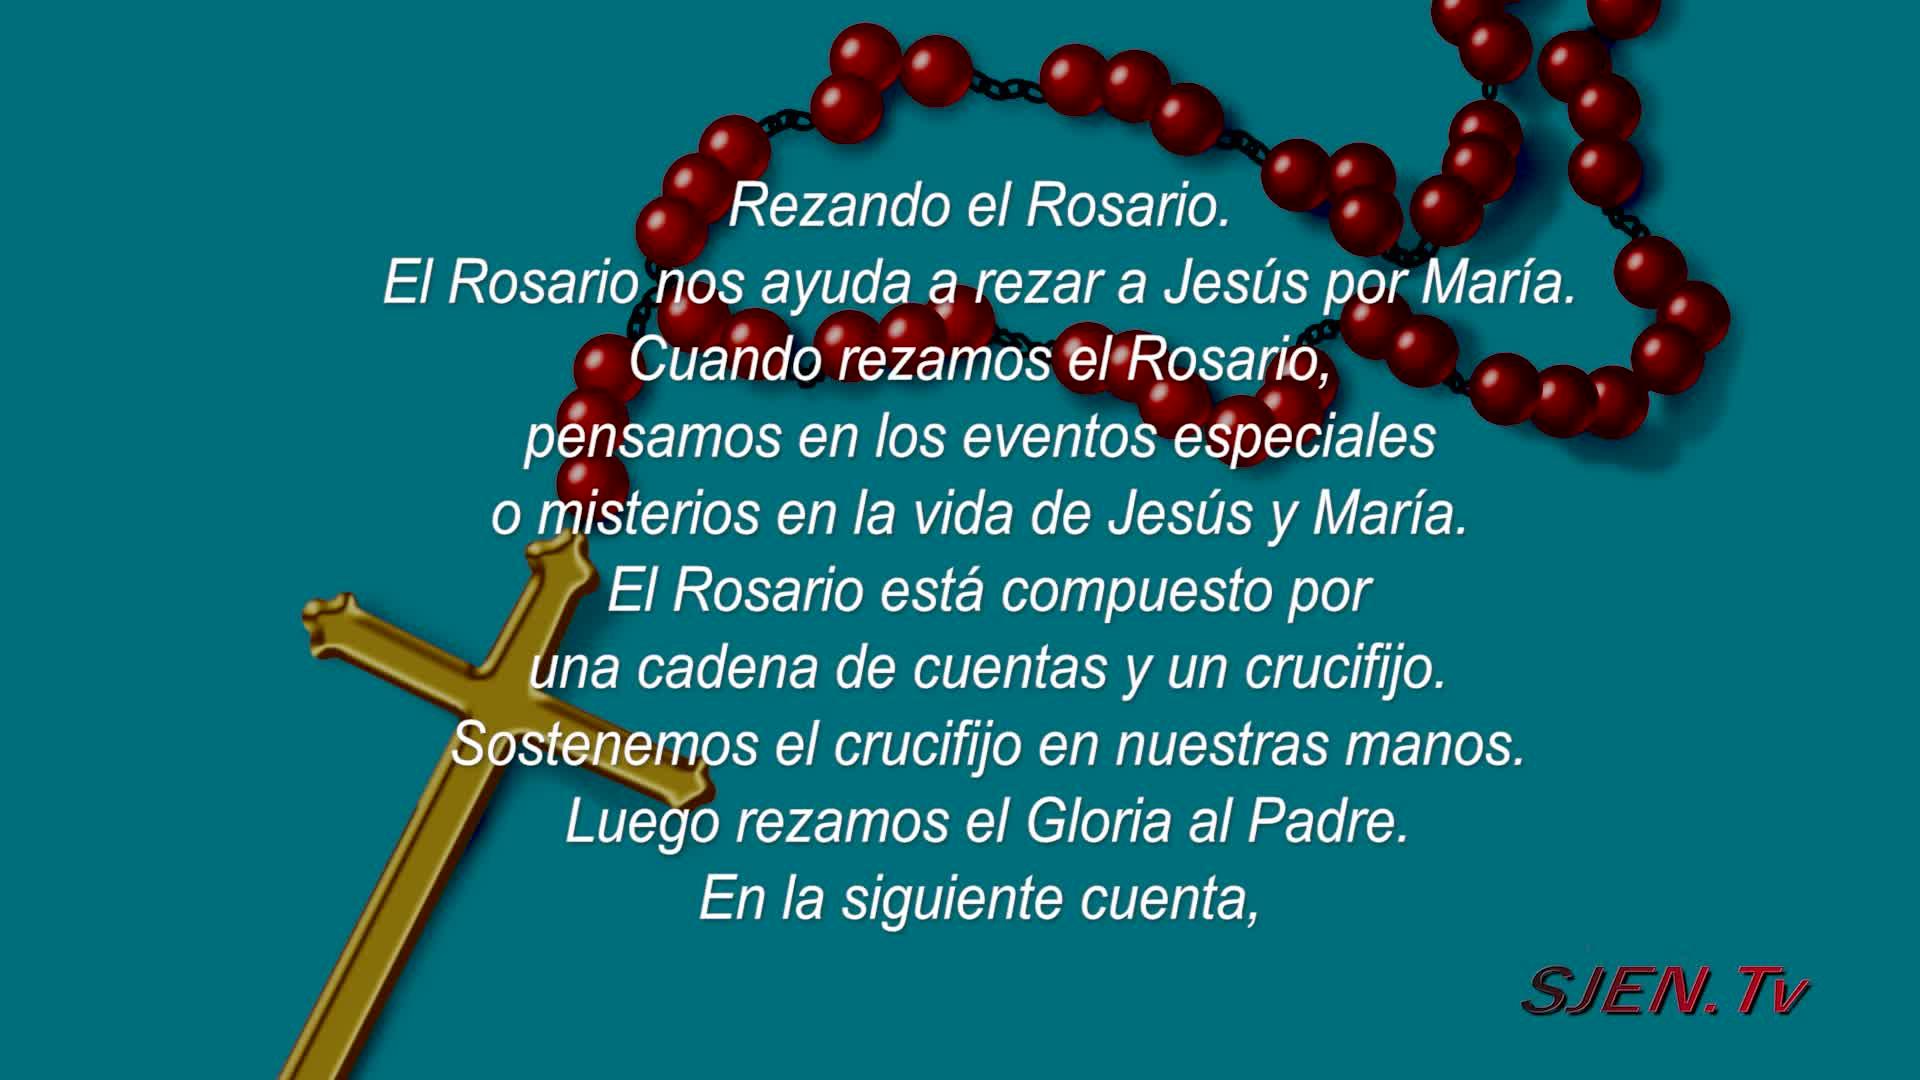 Cómo rezar el rosario del rosario